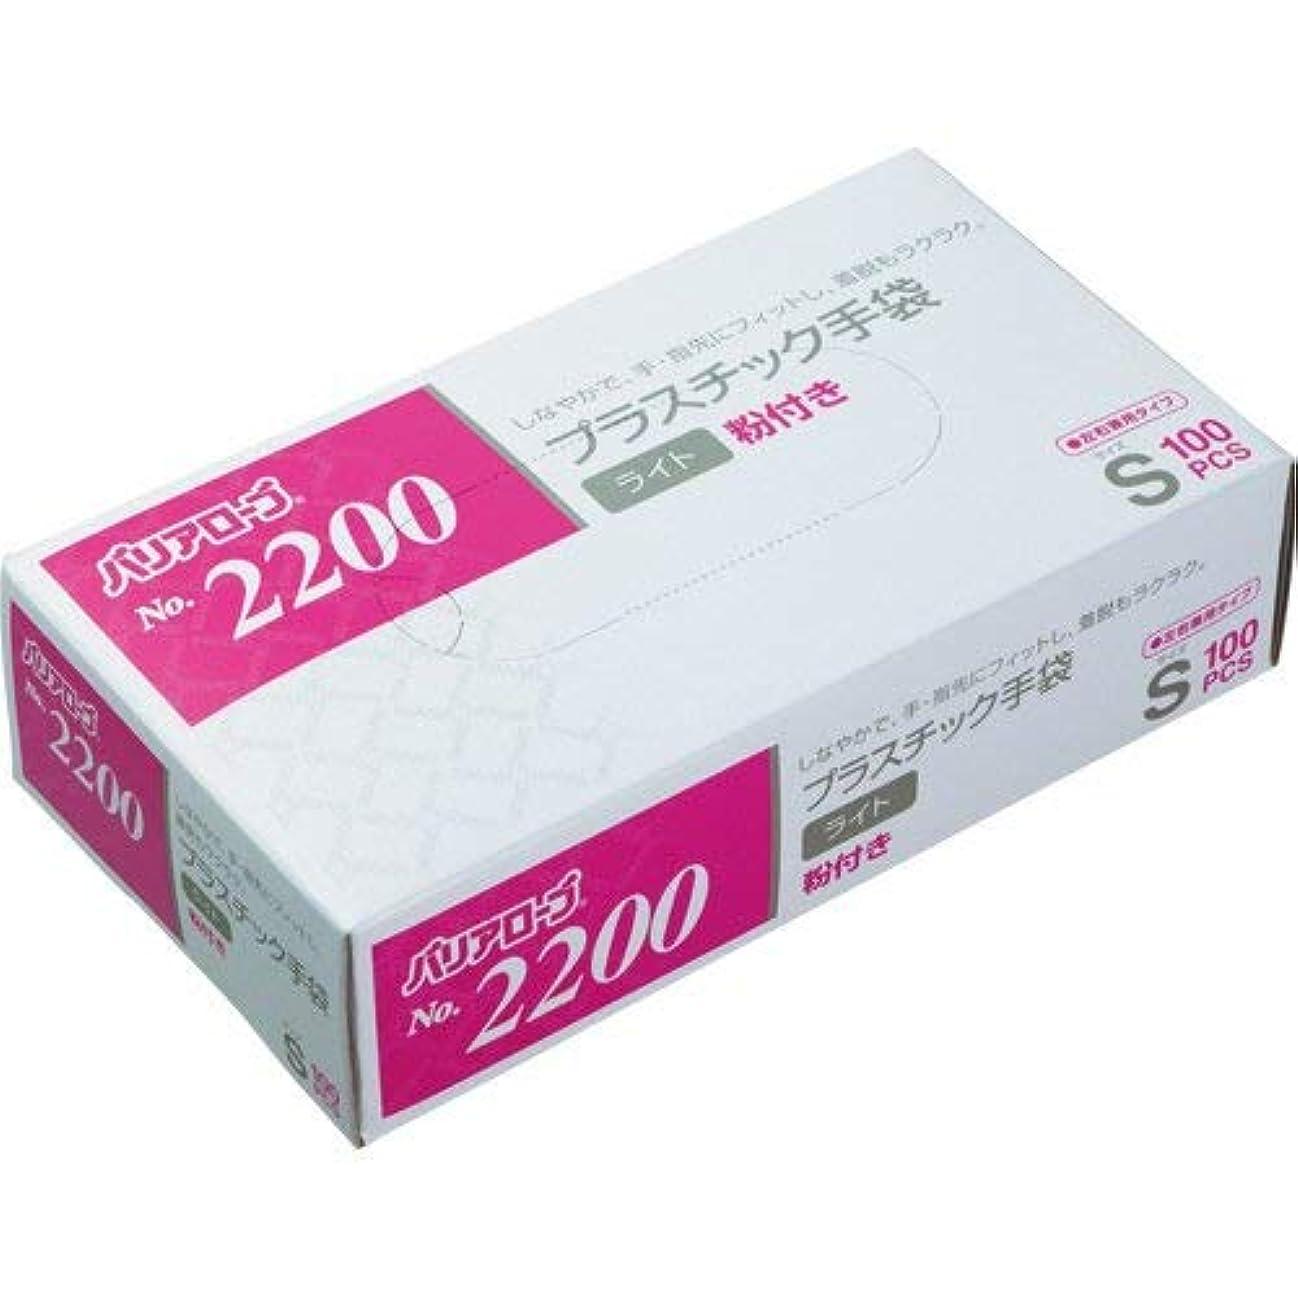 純粋なキャロライン予定【ケース販売】 バリアローブ №2200 プラスチック手袋 ライト (粉付き) S 2000枚(100枚×20箱)